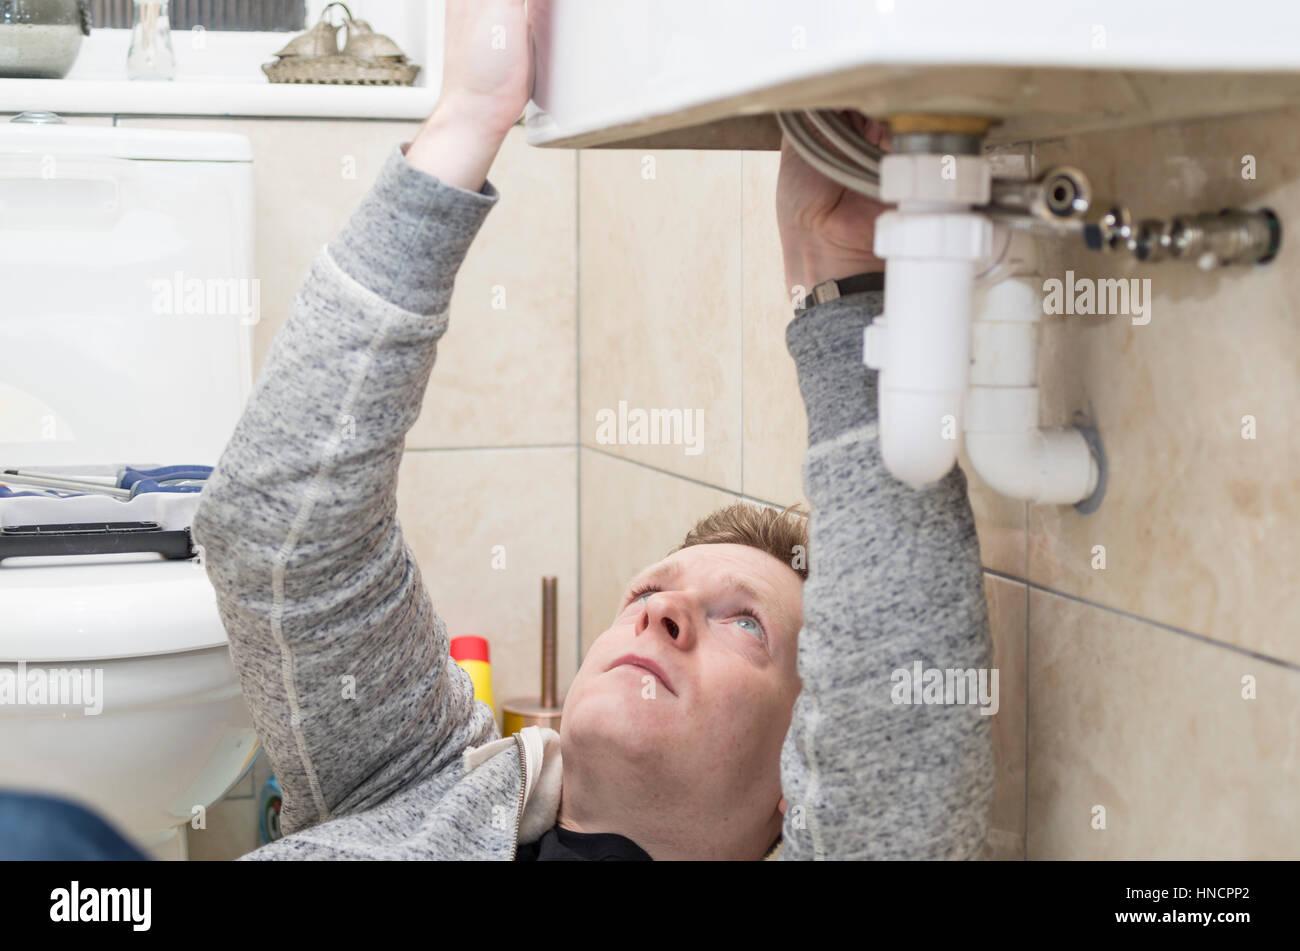 Superb Junger Mann Tun Es Yourself (DIY) Versucht Zu Hause Unter Einer Spüle  Montage Einen Neuen Wasserhahn Sanitär.